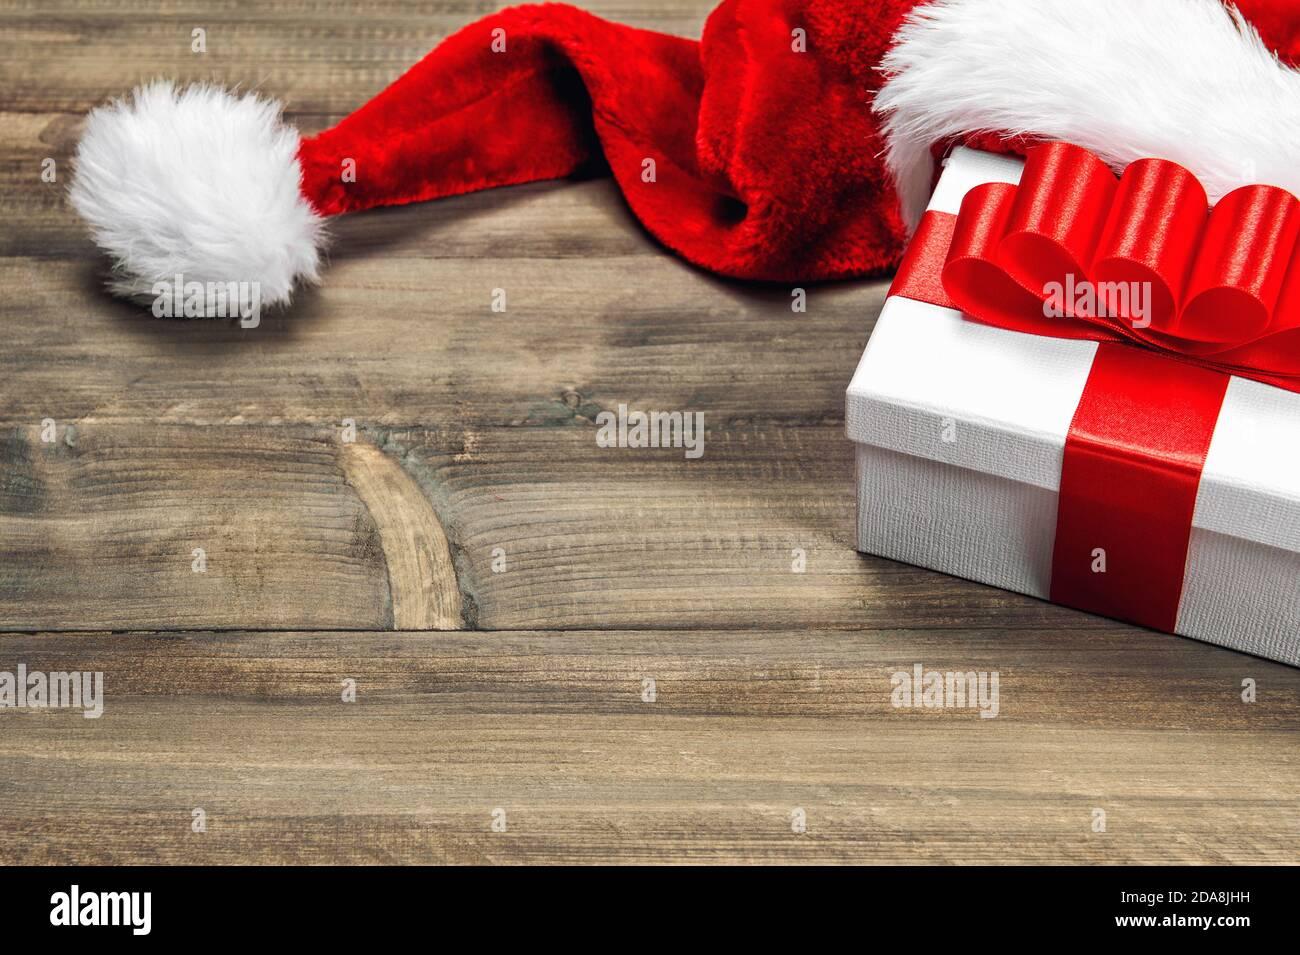 Décoration de Noël et boîte cadeau avec noeud en ruban rouge sur bois arrière-plan Banque D'Images